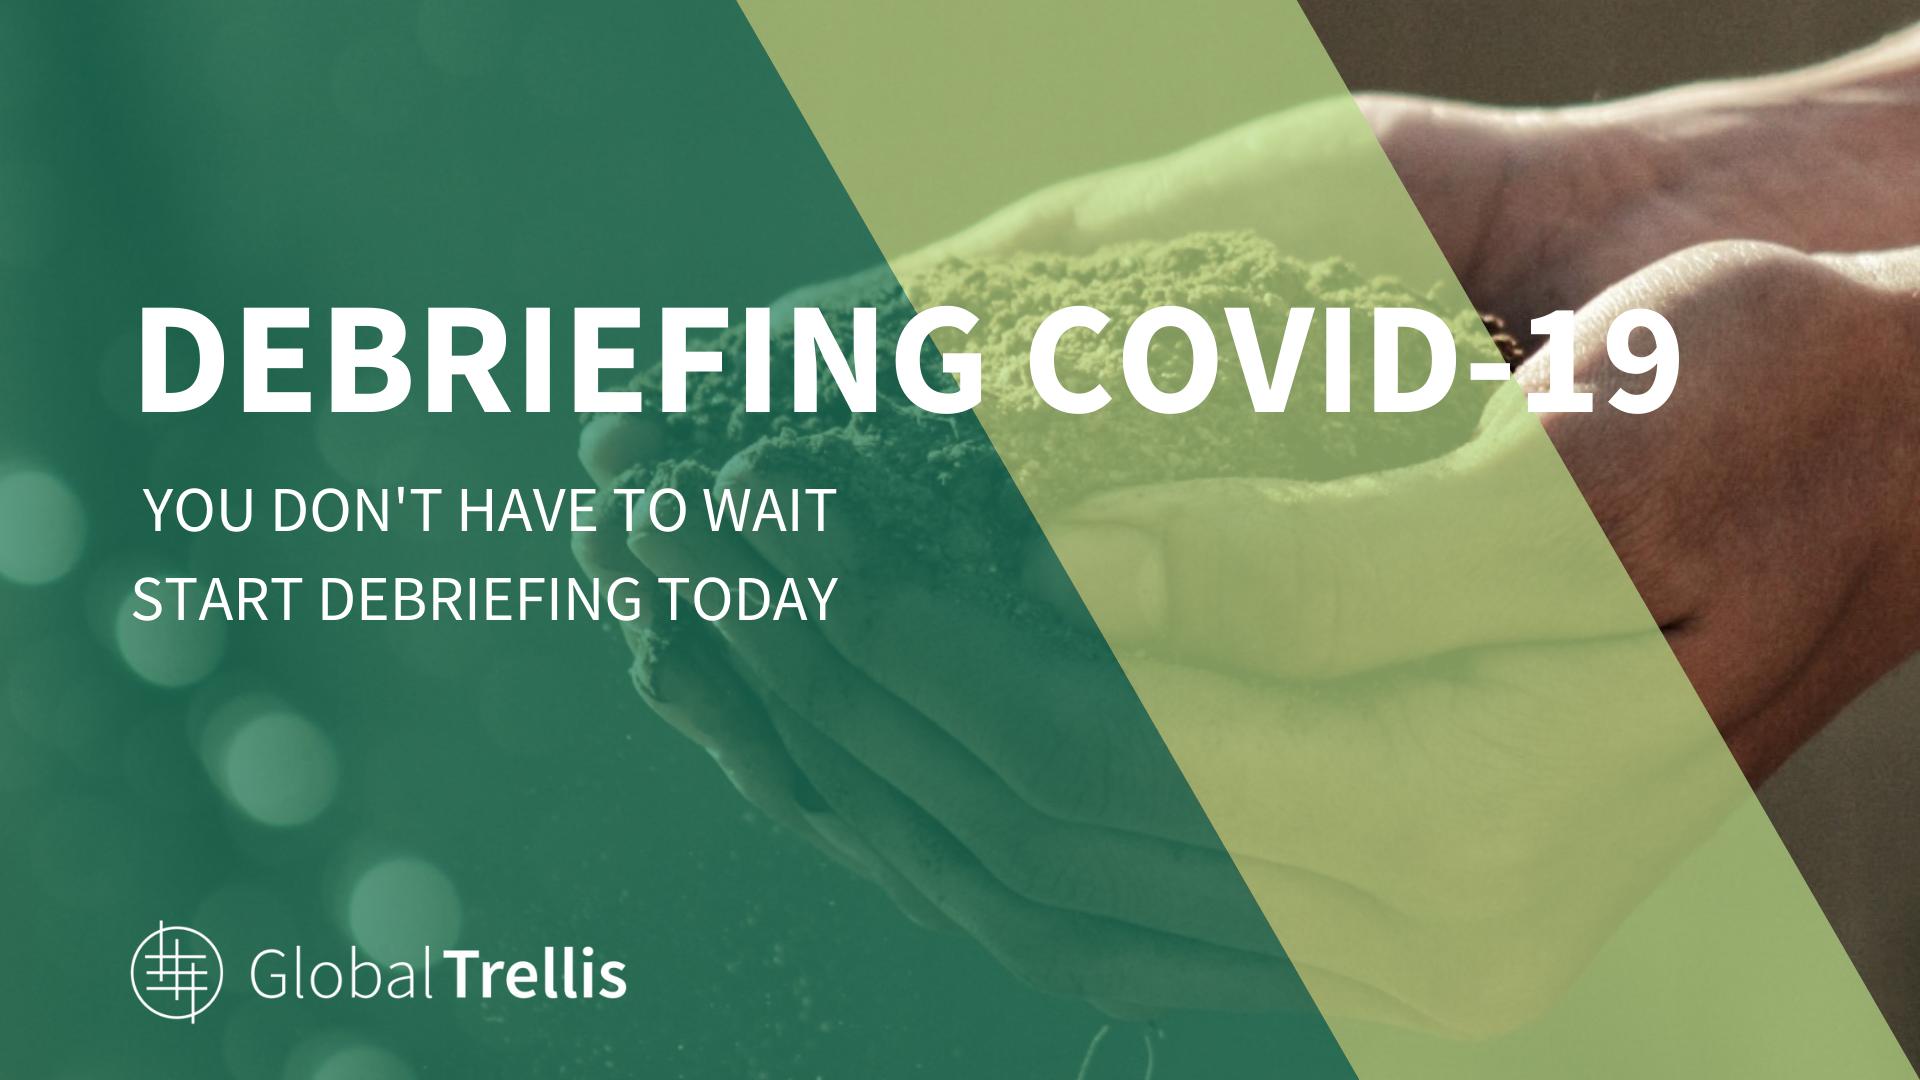 Debriefing COVID-19